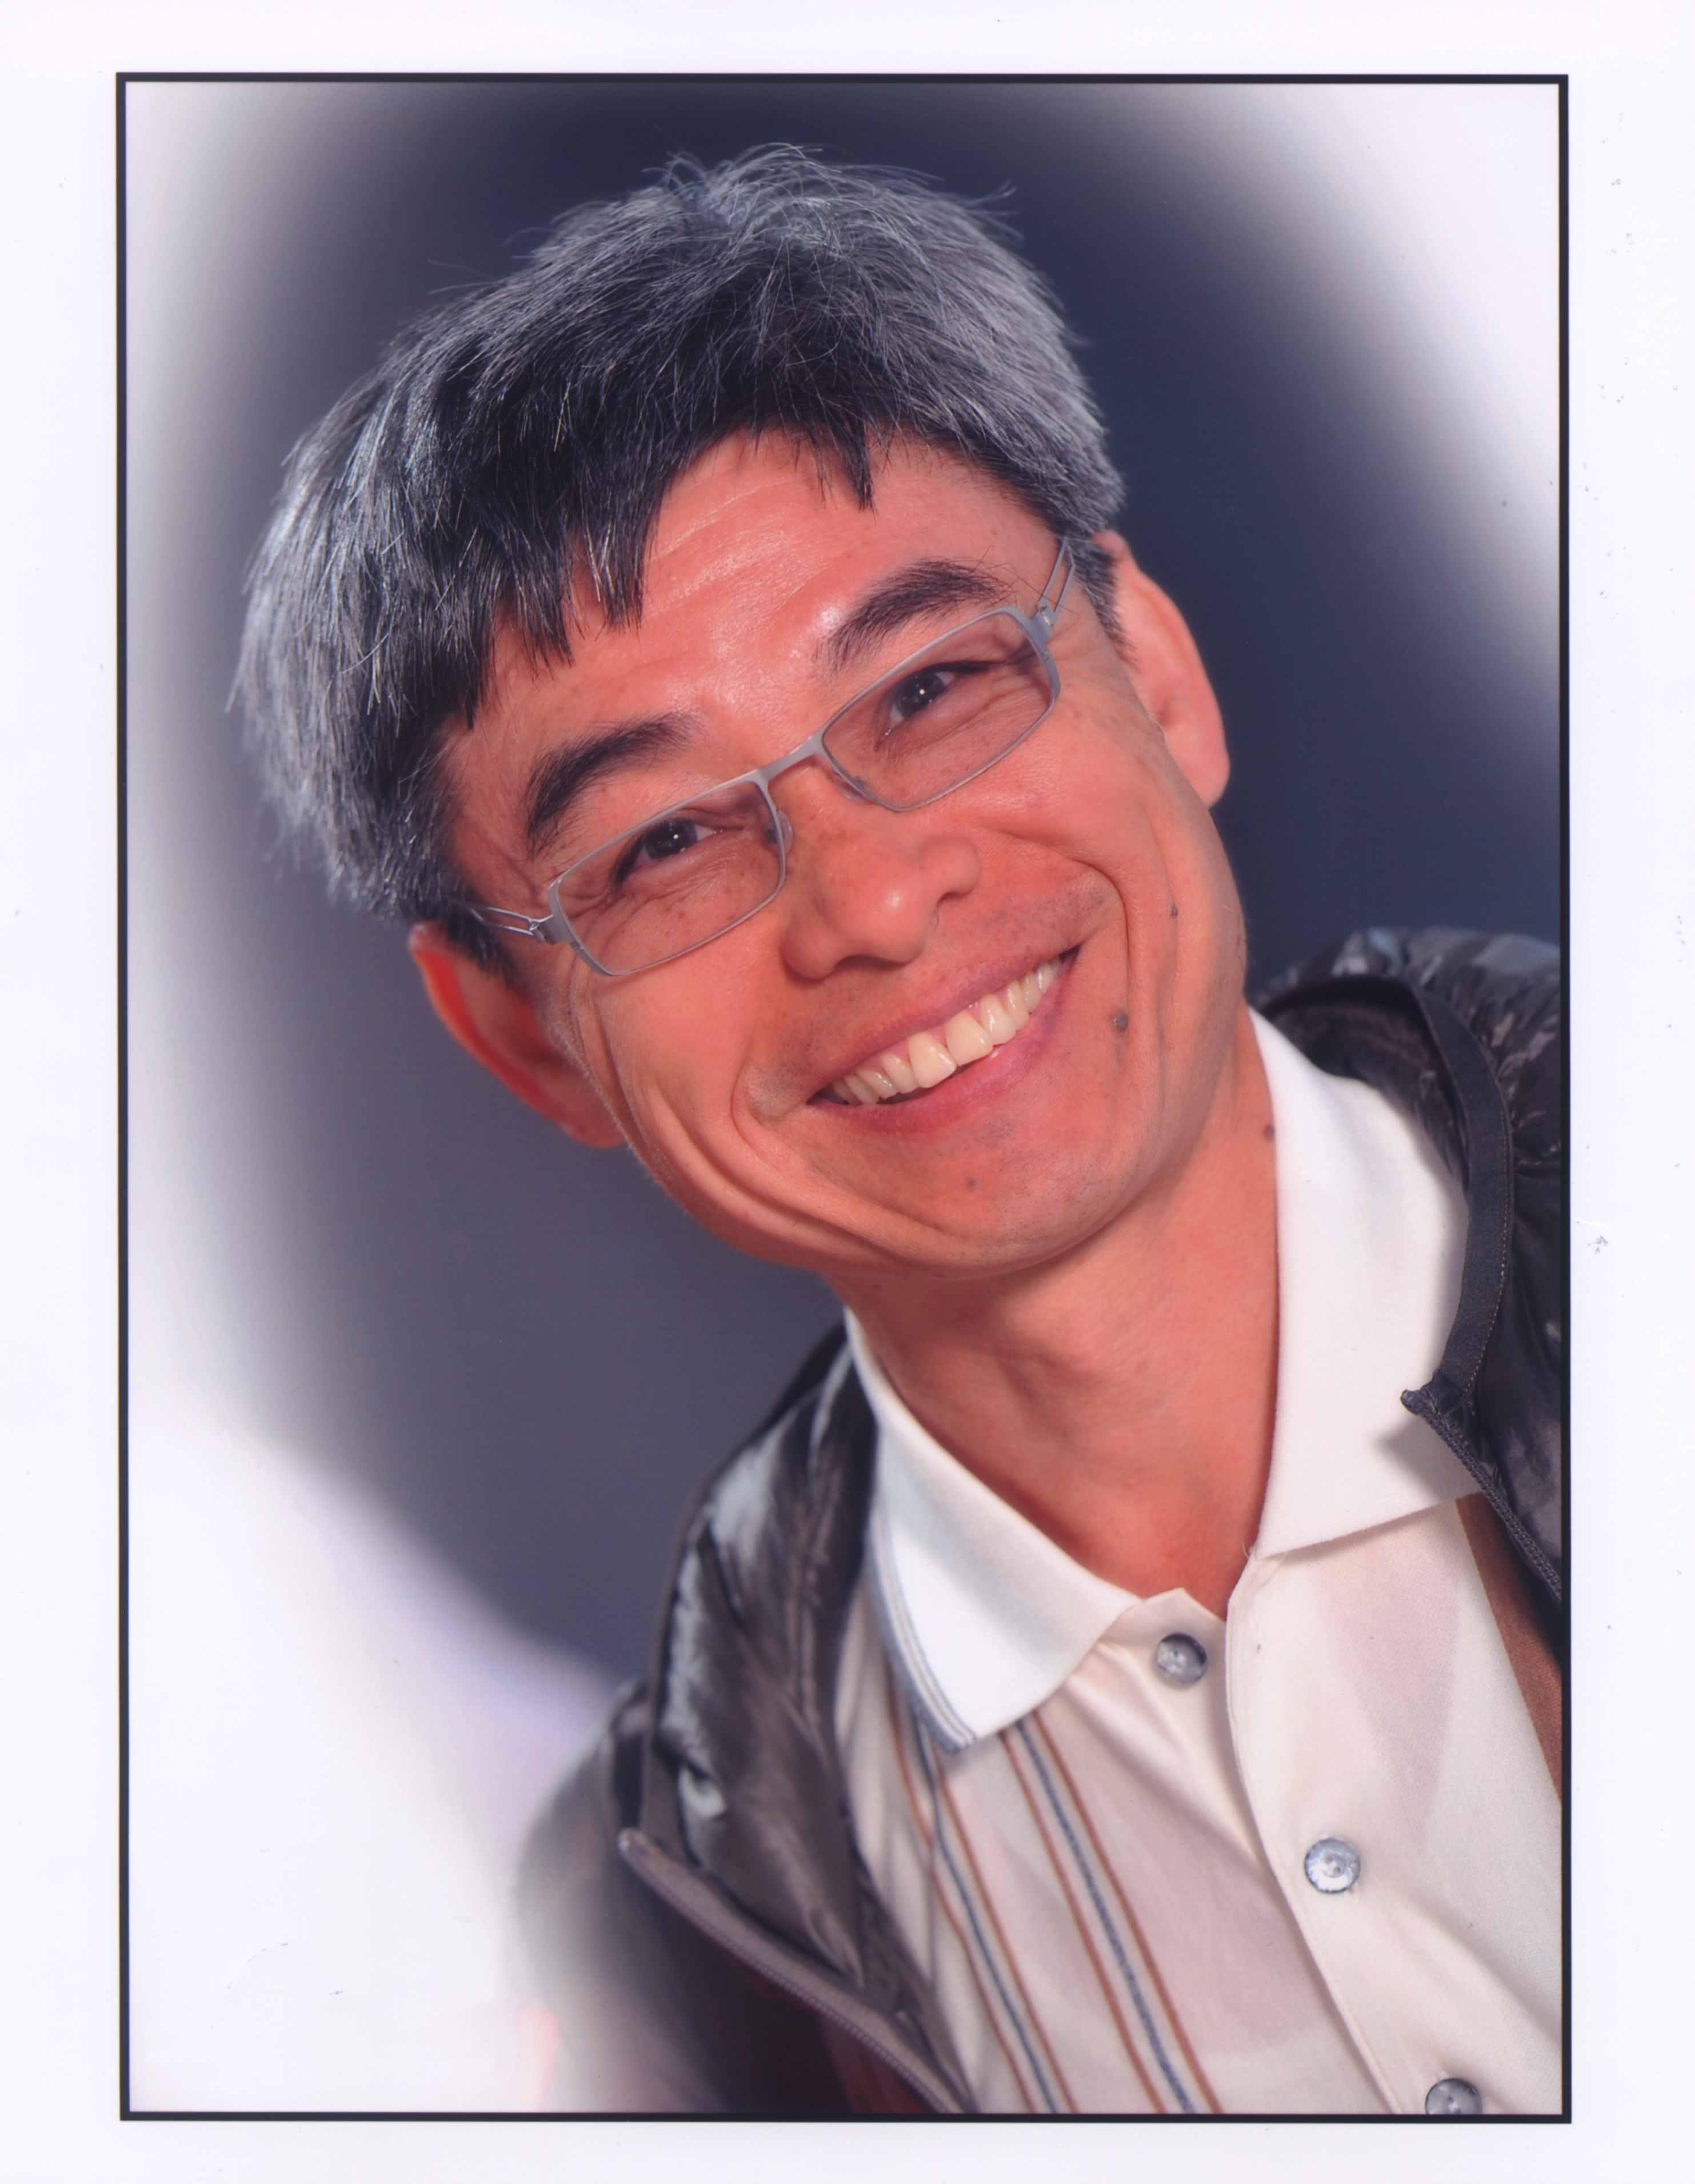 DR 吳國揚●高雄醫學大學附設中和紀念醫院眼科